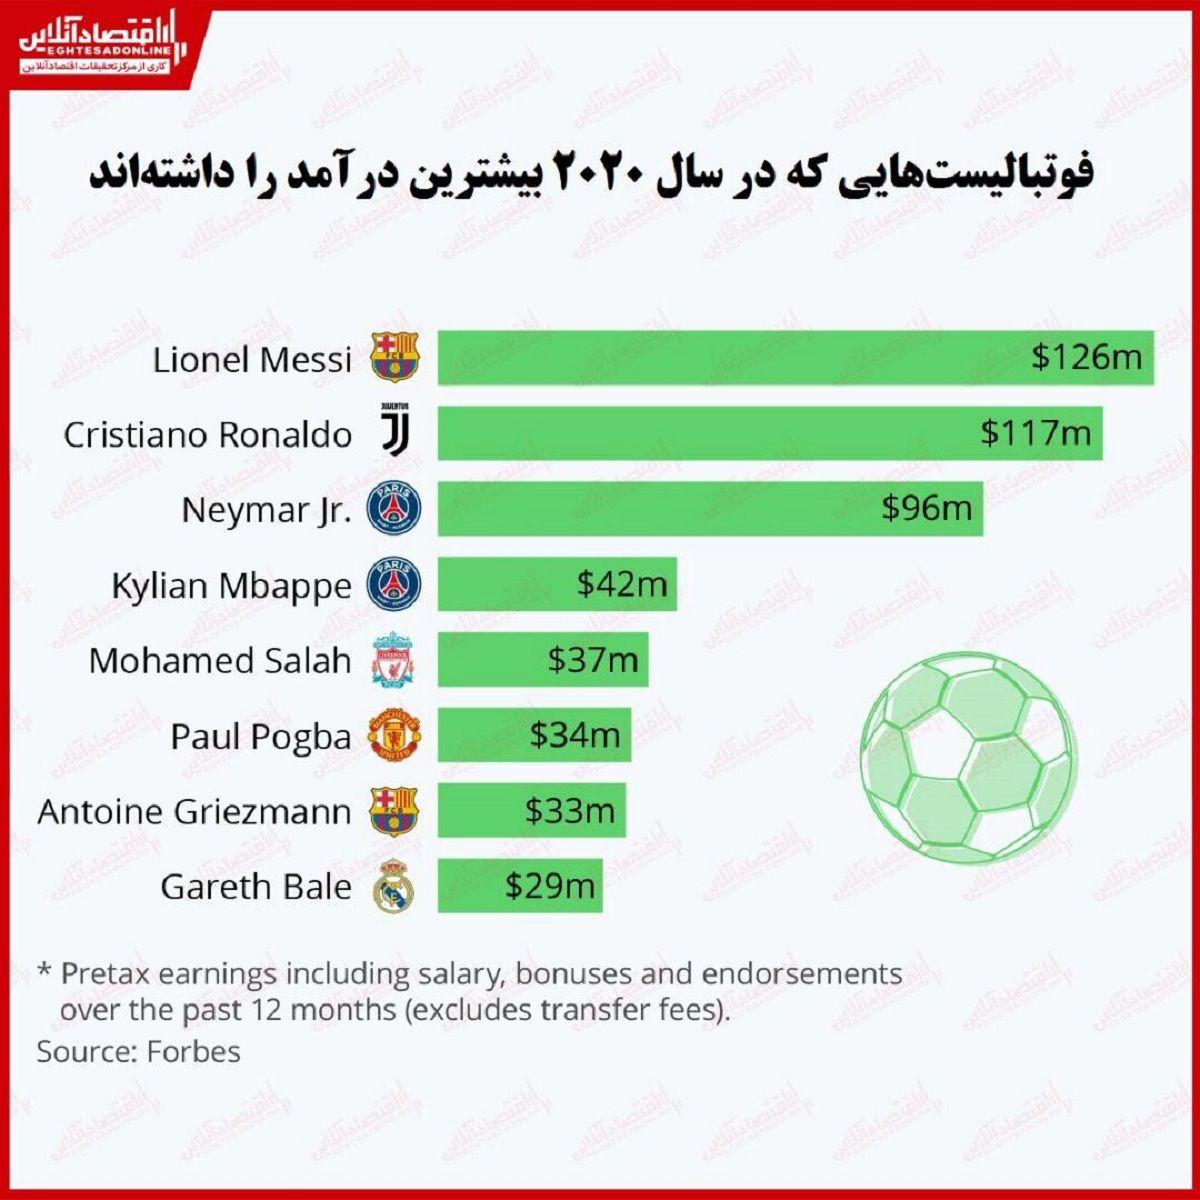 پردرآمدترین فوتبالیستهای جهان را بشناسید/ مسی و رونالدو همچنان صدرنشین